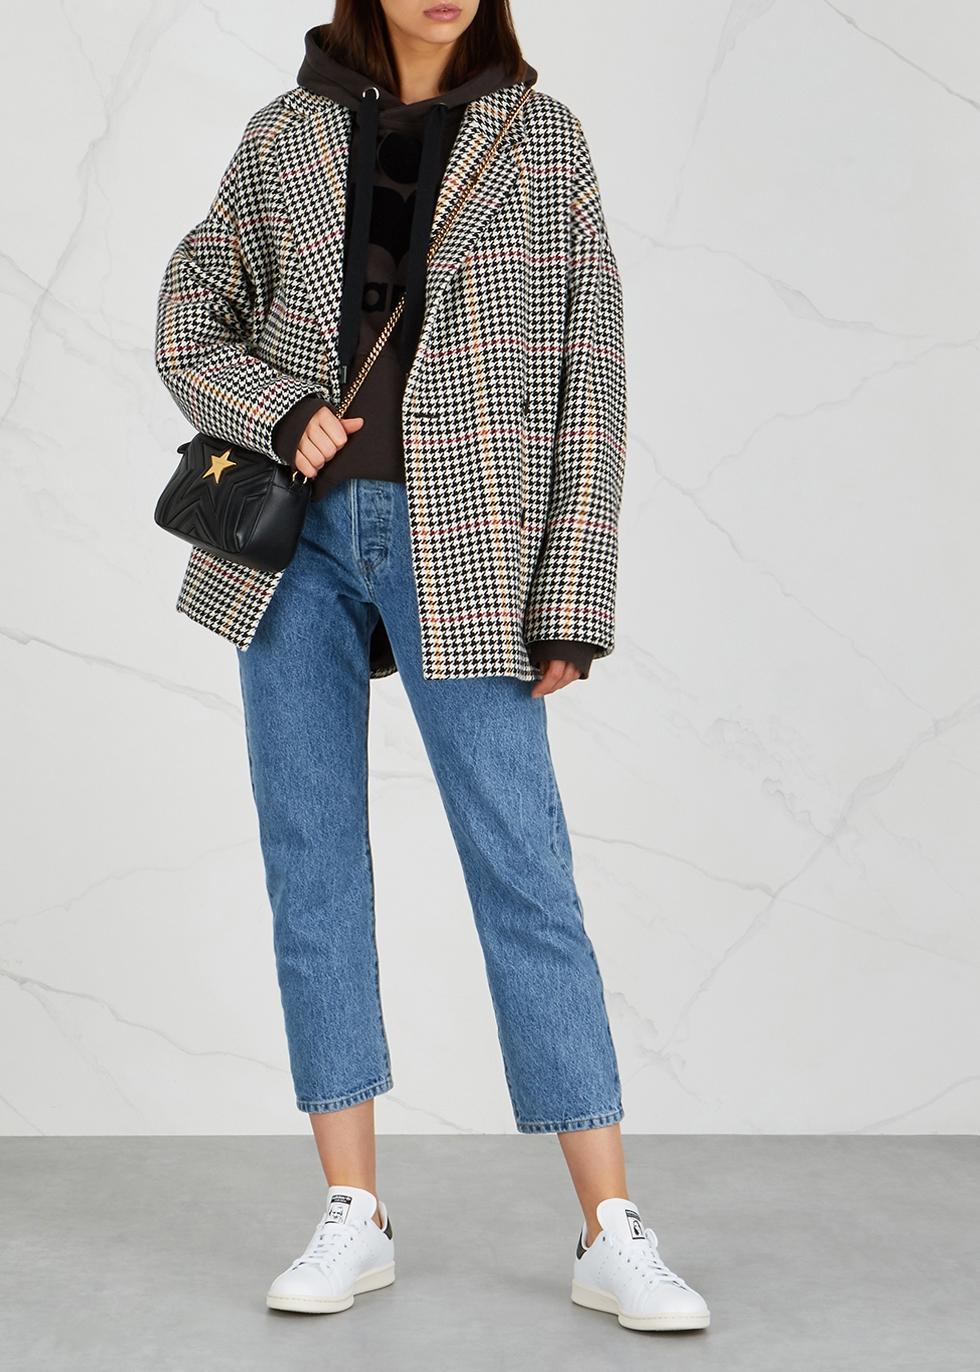 f14dd7fa5ee Stella McCartney X adidas Stan Smith faux leather trainers - Harvey Nichols